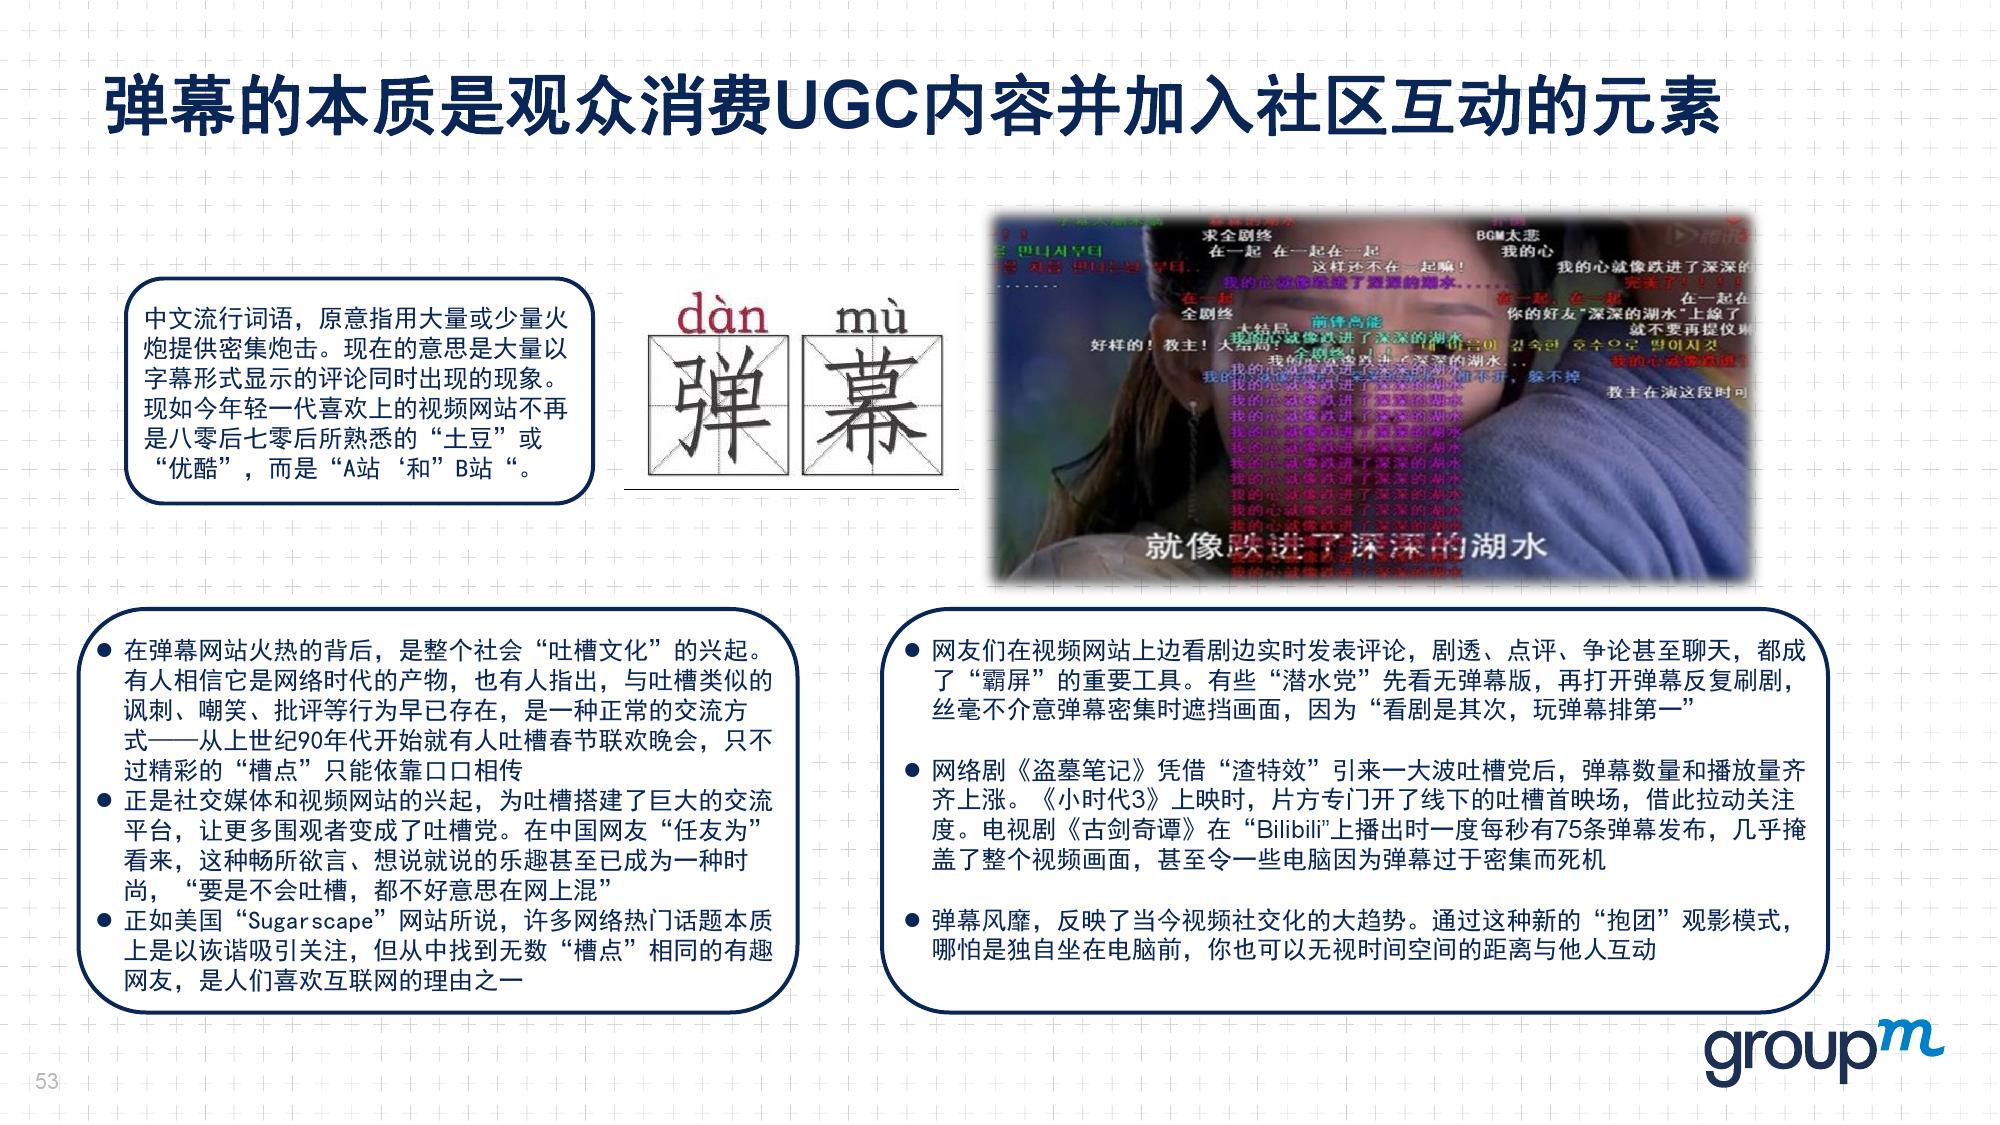 赢在中国2016:从需求刺激转向供给侧改革_000053